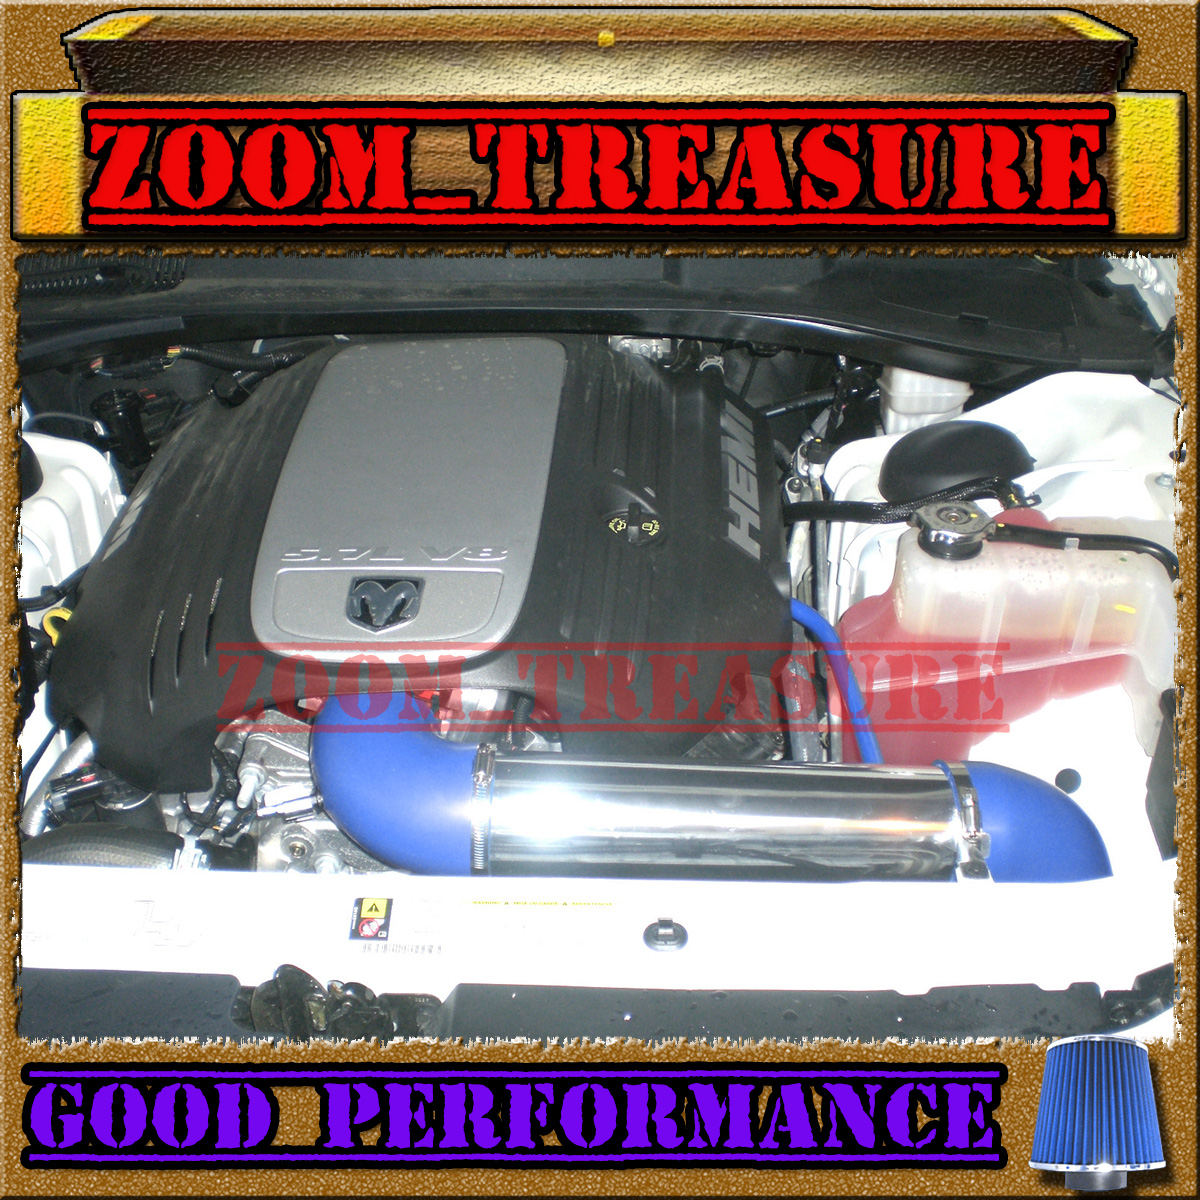 Procharger Supercharger Kit Chrysler 300 6 1l Srt8 2006: BLUE 2005-2015/05-15 CHARGER/MAGNUM/CHALLENGER/300 5.7/6.1